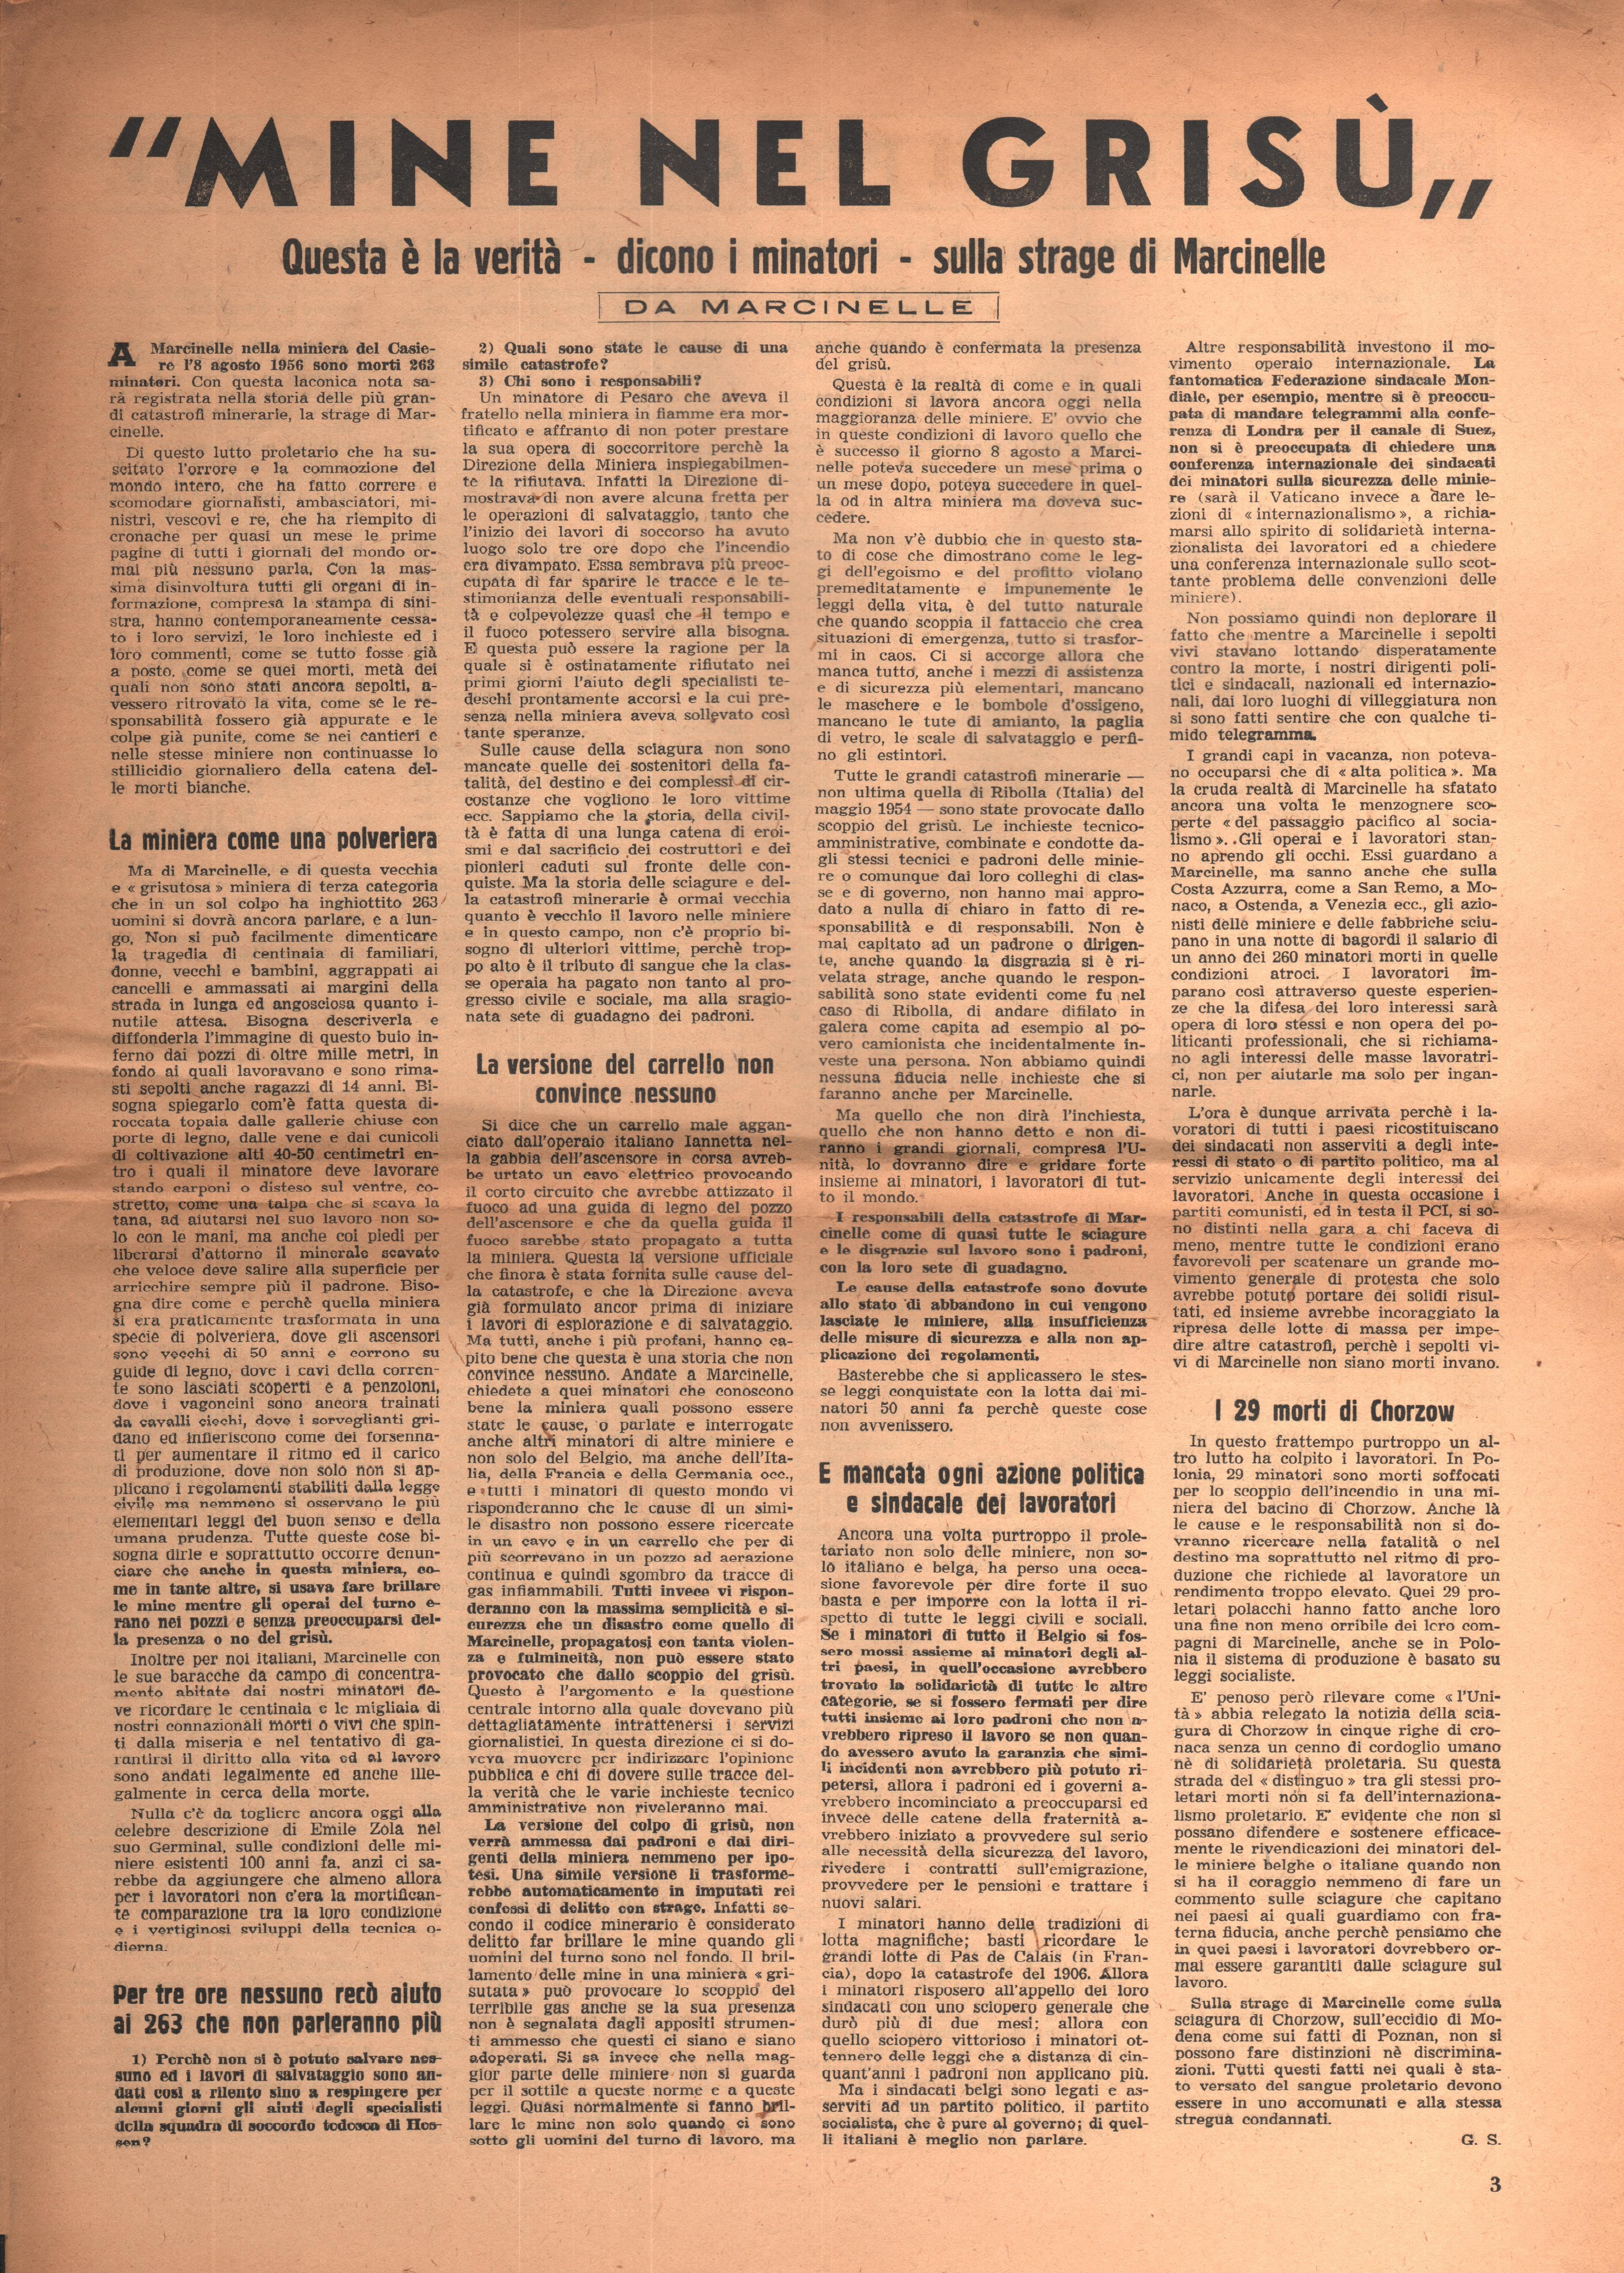 Azione Comunista 4 - pag. 3